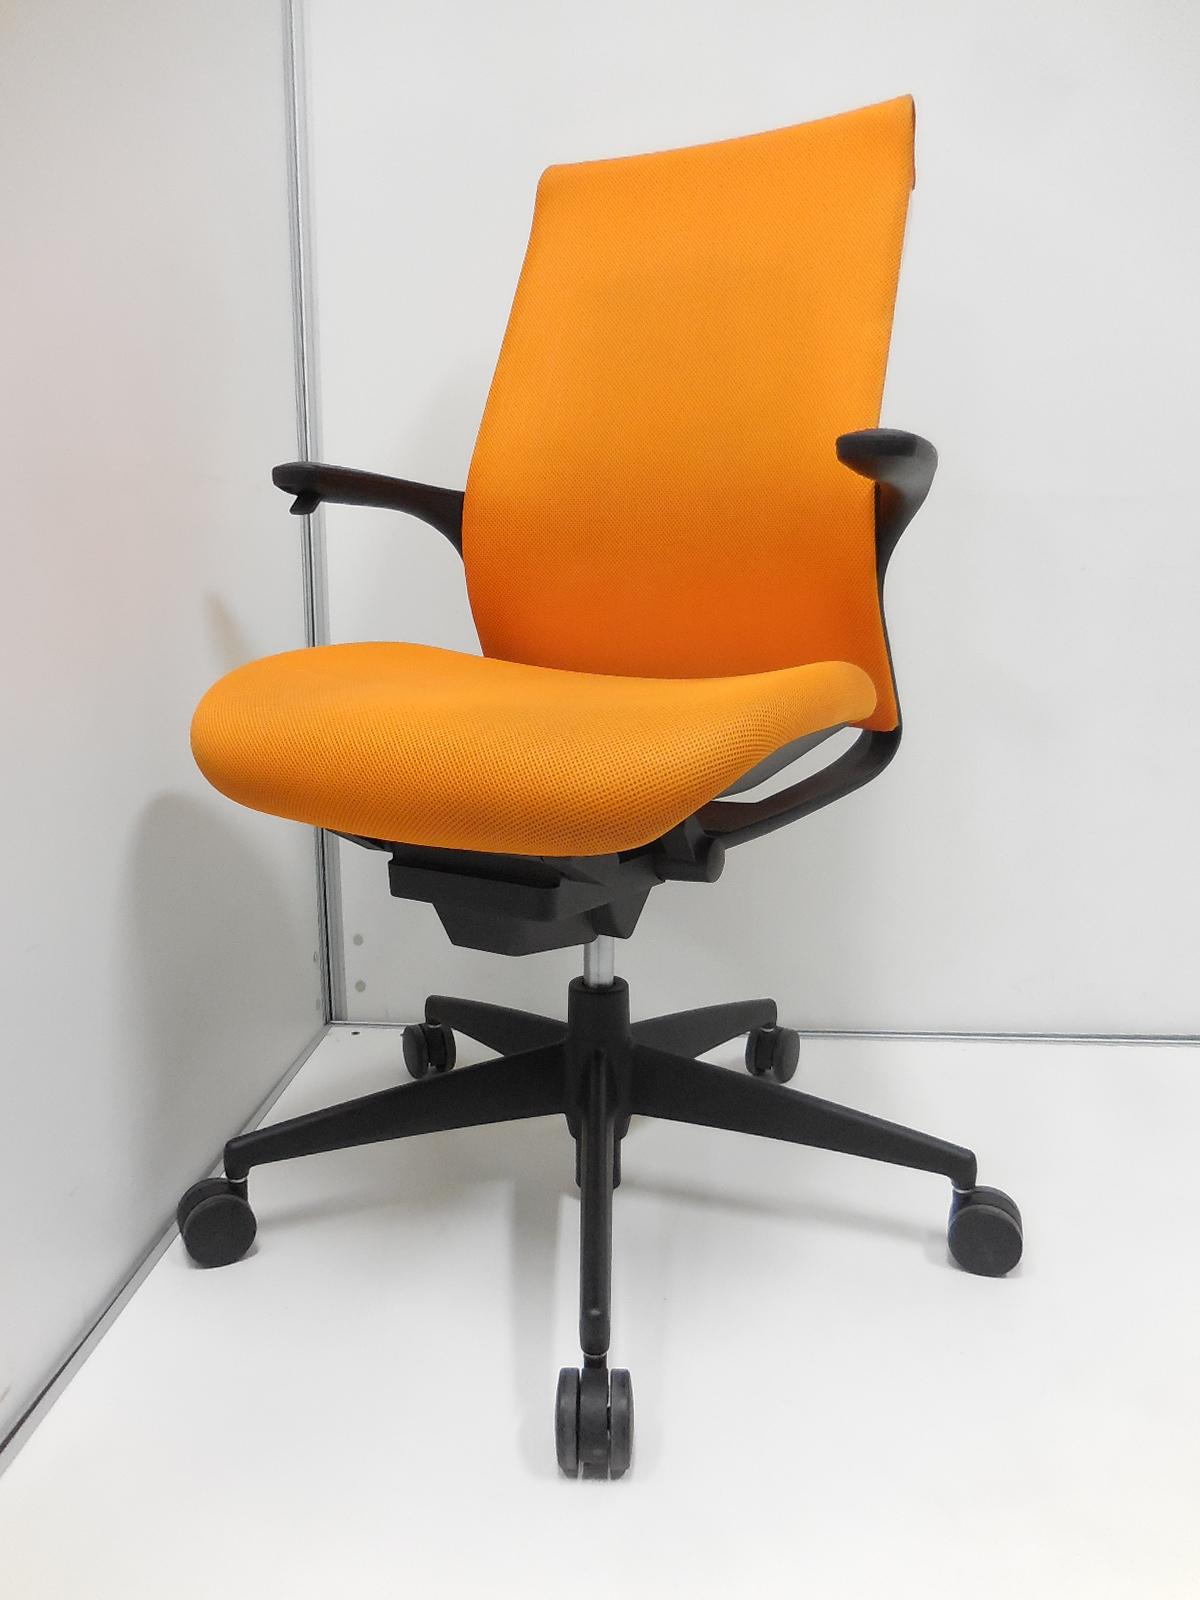 【4脚のみの限定入荷!】 鮮やかなビビットオレンジ! 座面の高さ調整が肘掛けについており、調整しやすいデザインがオススメ!